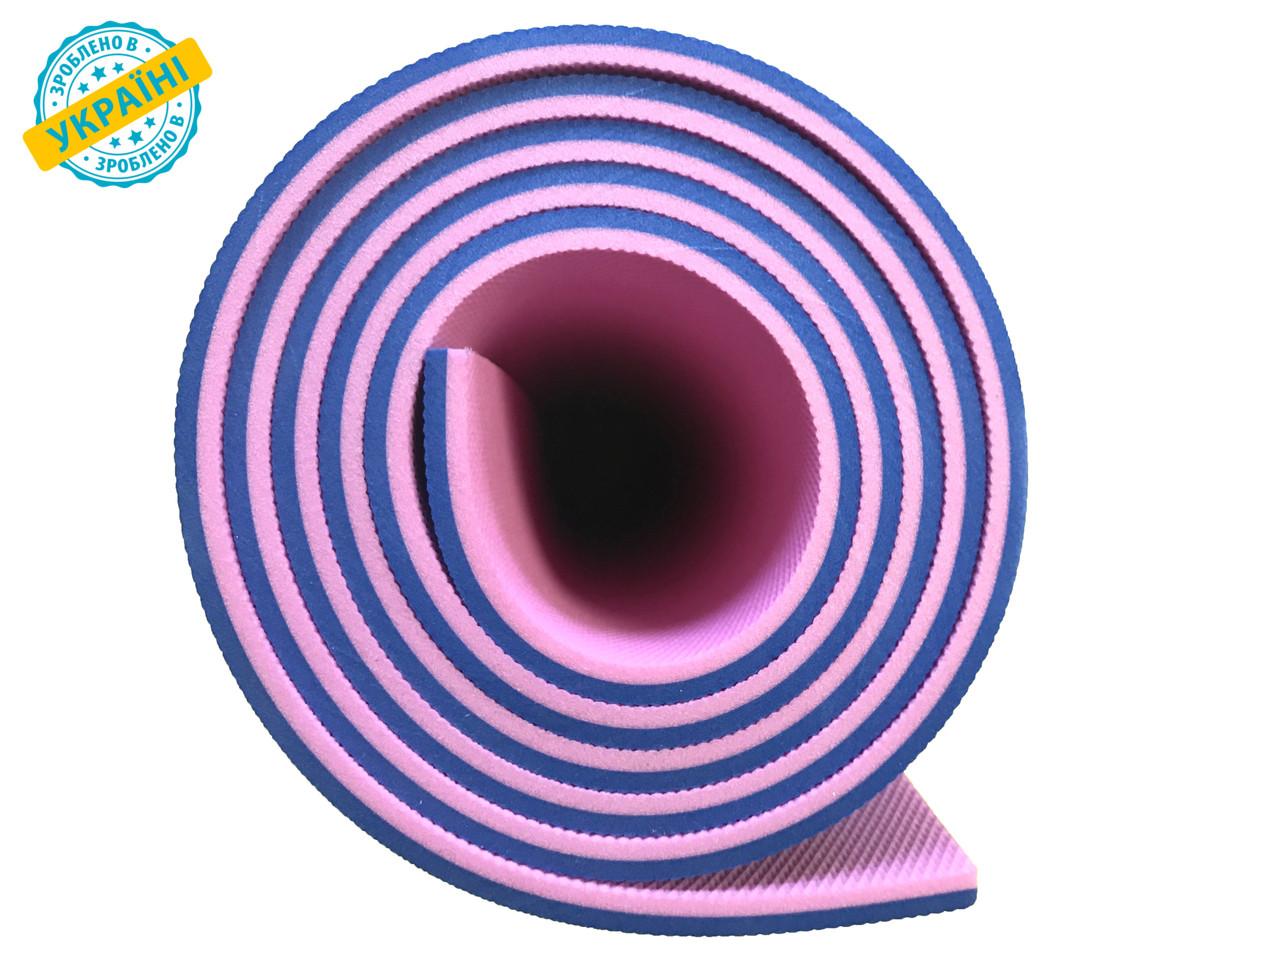 Коврик (каремат) 120*50*0.6 см для туризма и спорта Eva-Line двухсторонний синий/розовый